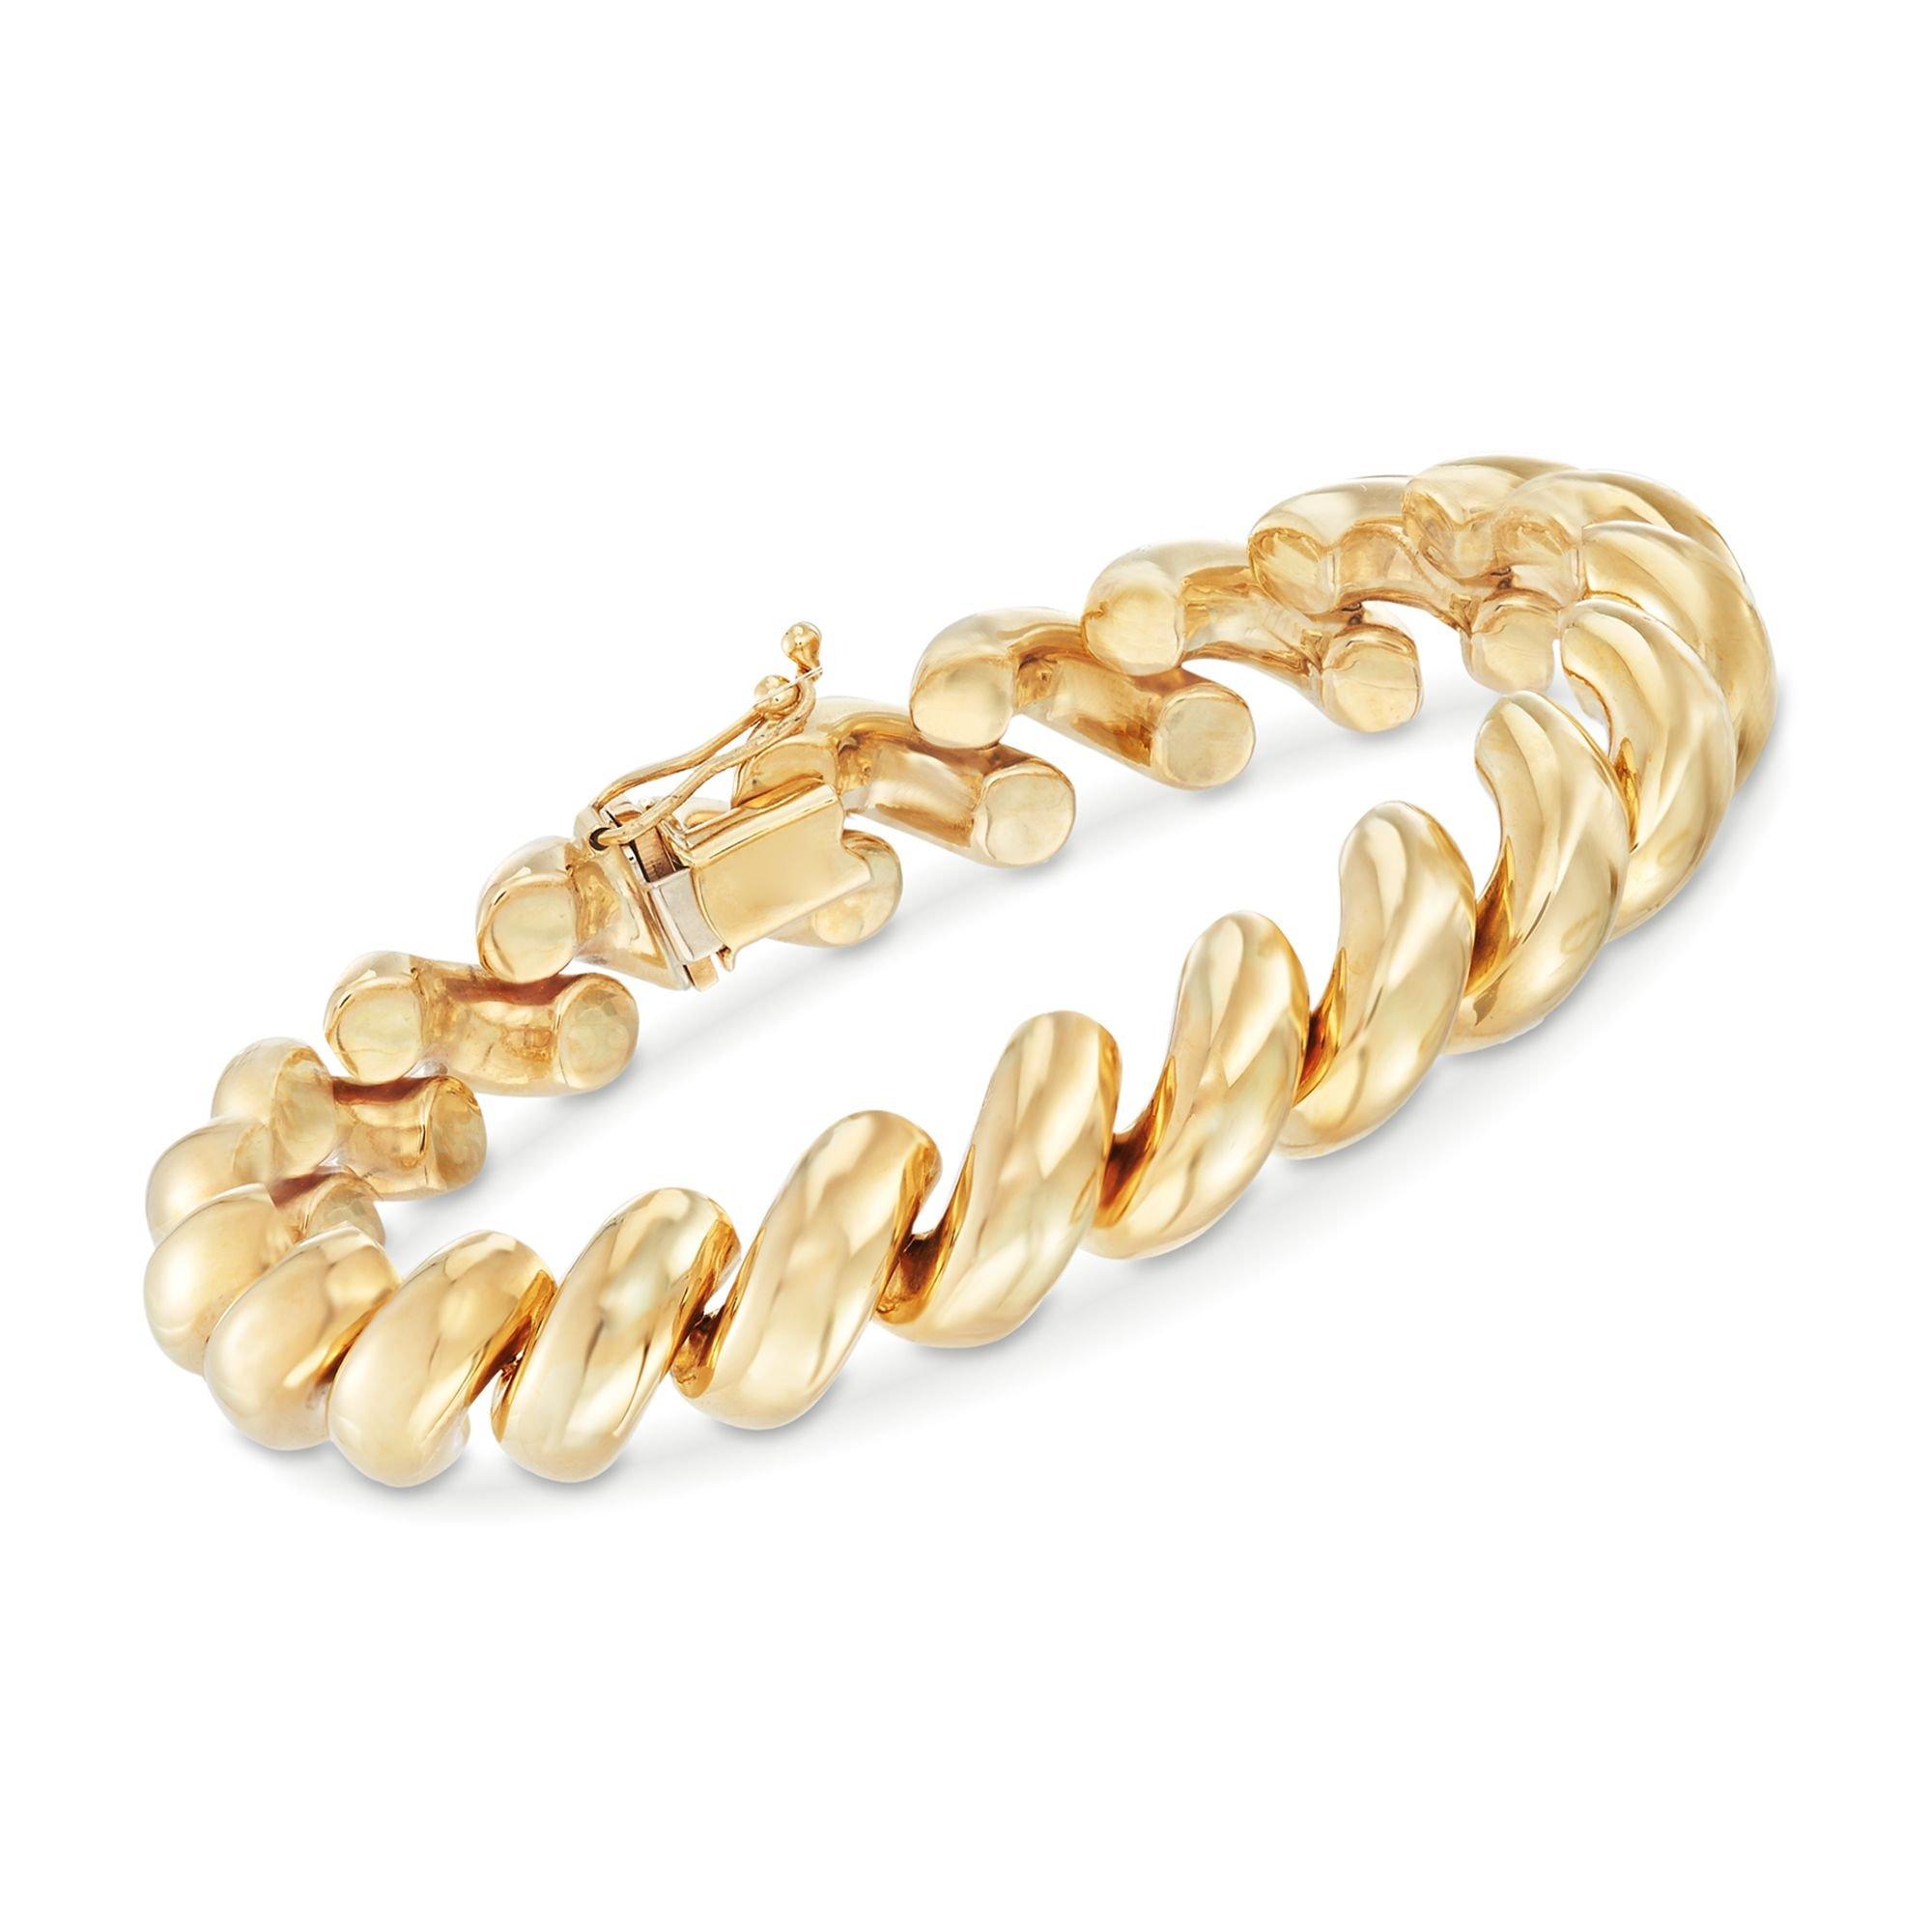 Ross-Simons 14kt Yellow Gold San Marco Bracelet